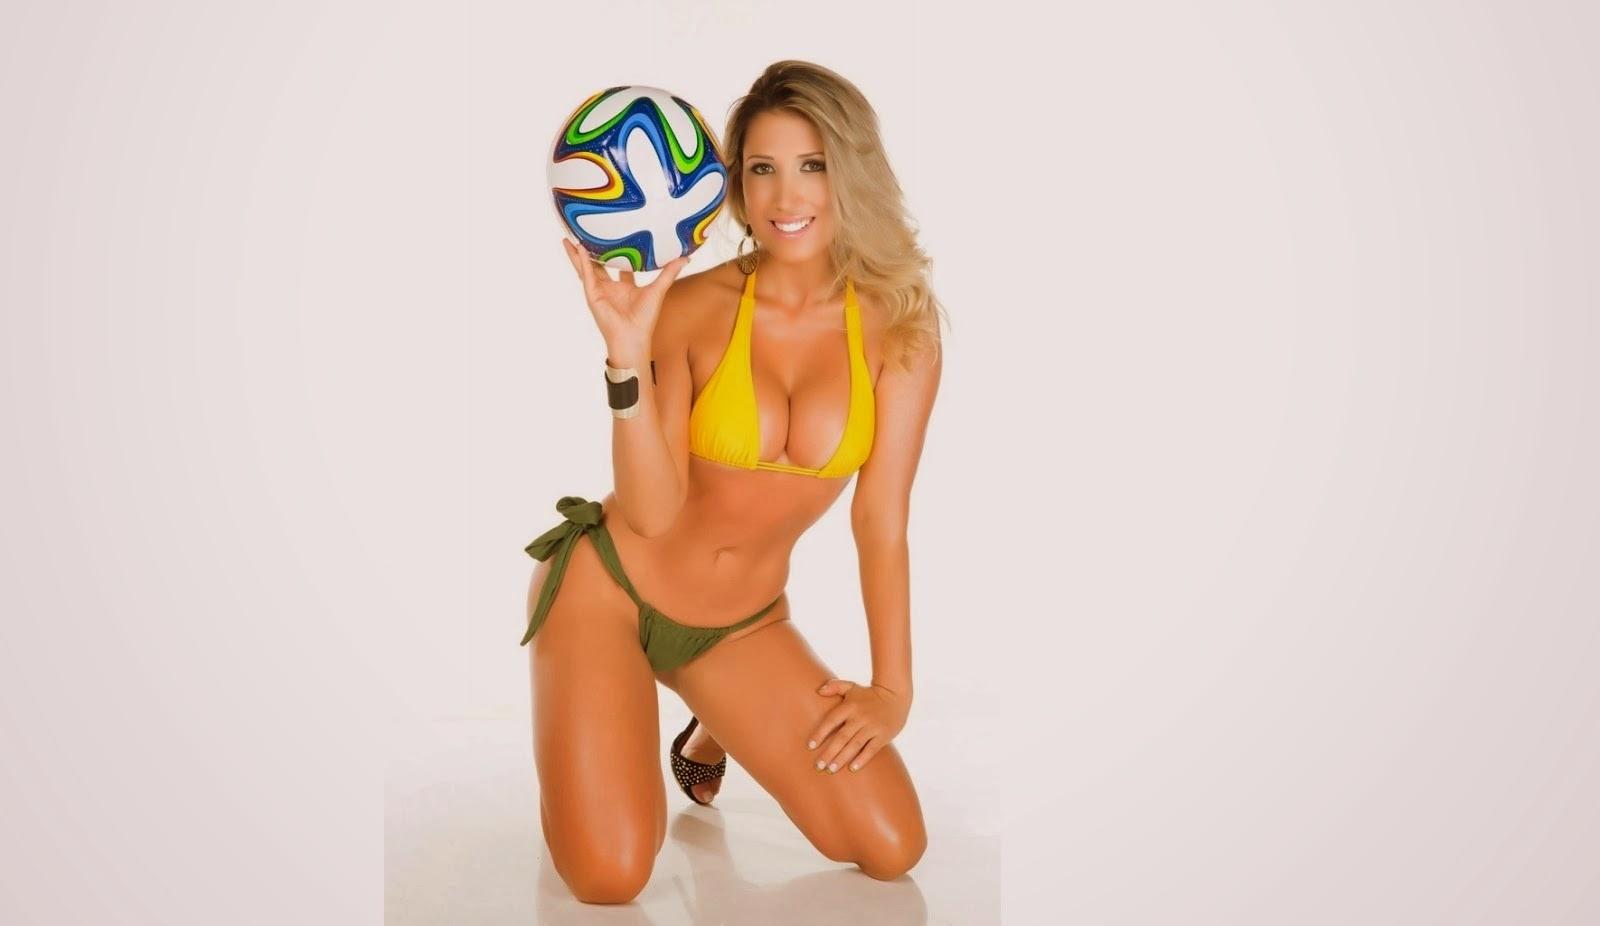 Rosângela Fraga vestida nas cores da seleção brasileira de futebol